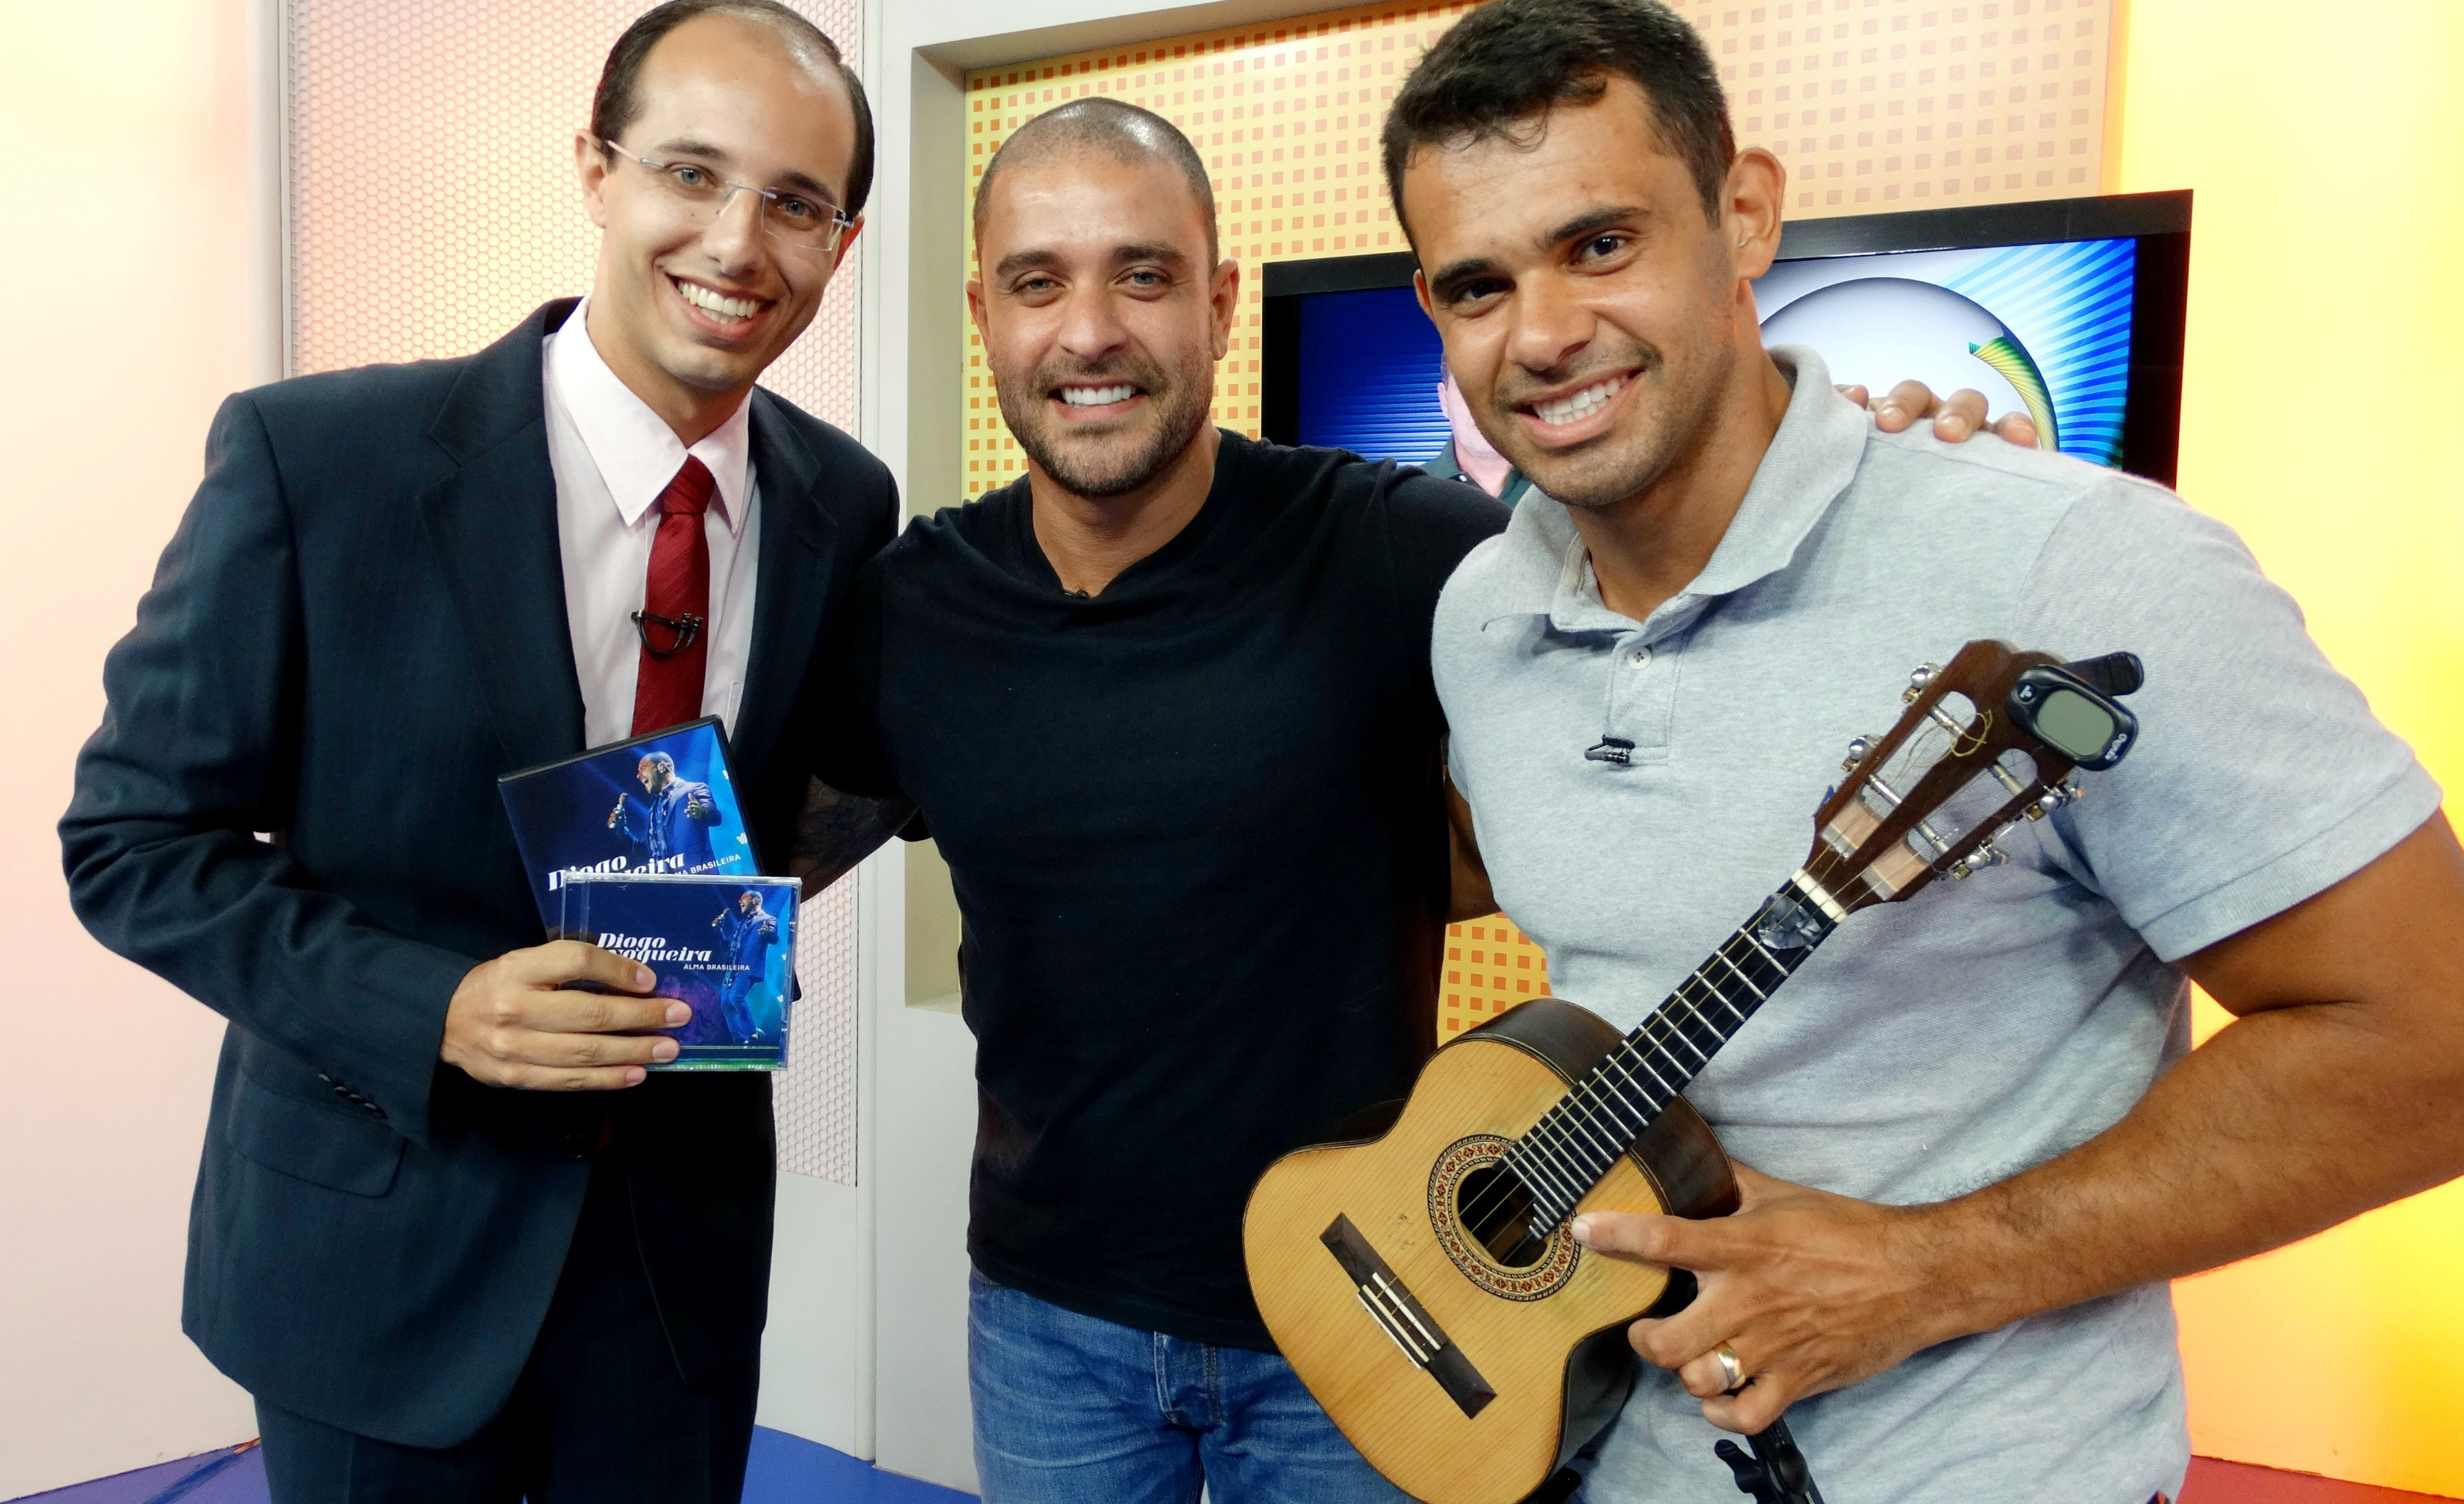 Rodrigo Nardelli recebe Diogo Nogueira no Jornal da Tribuna 1ª edição (Foto: Fernanda Maciel)